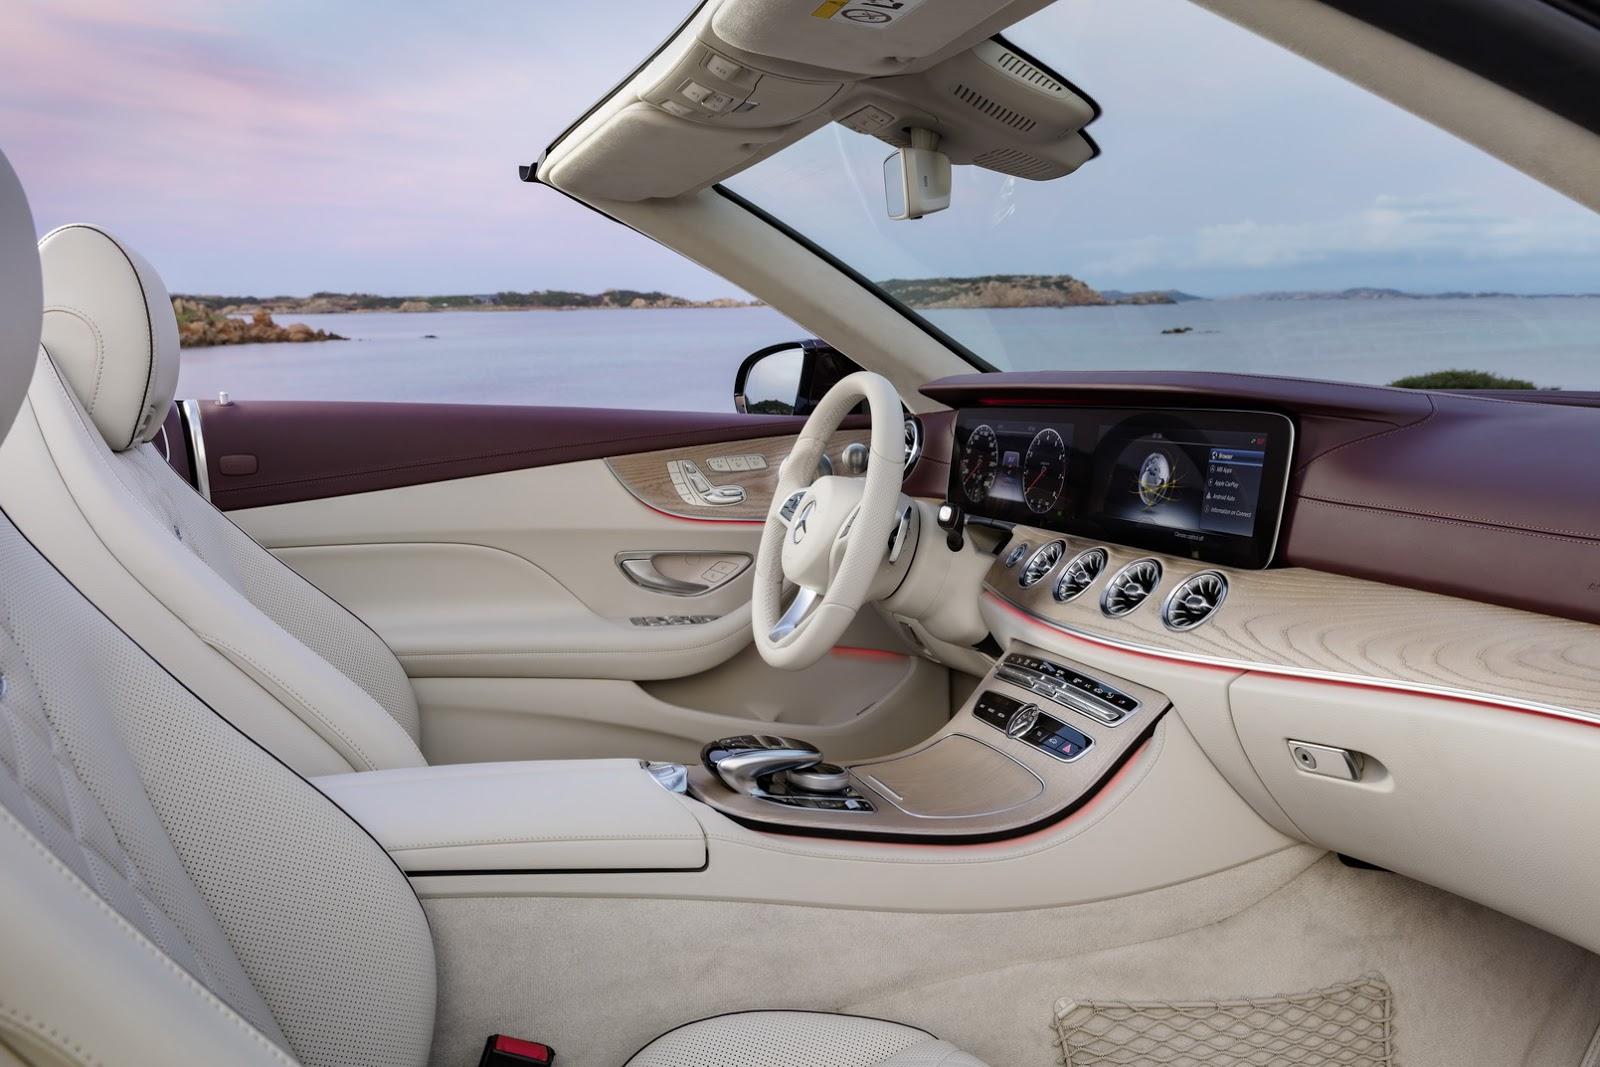 Mercedes E-Class Cabriolet 2018 (69)